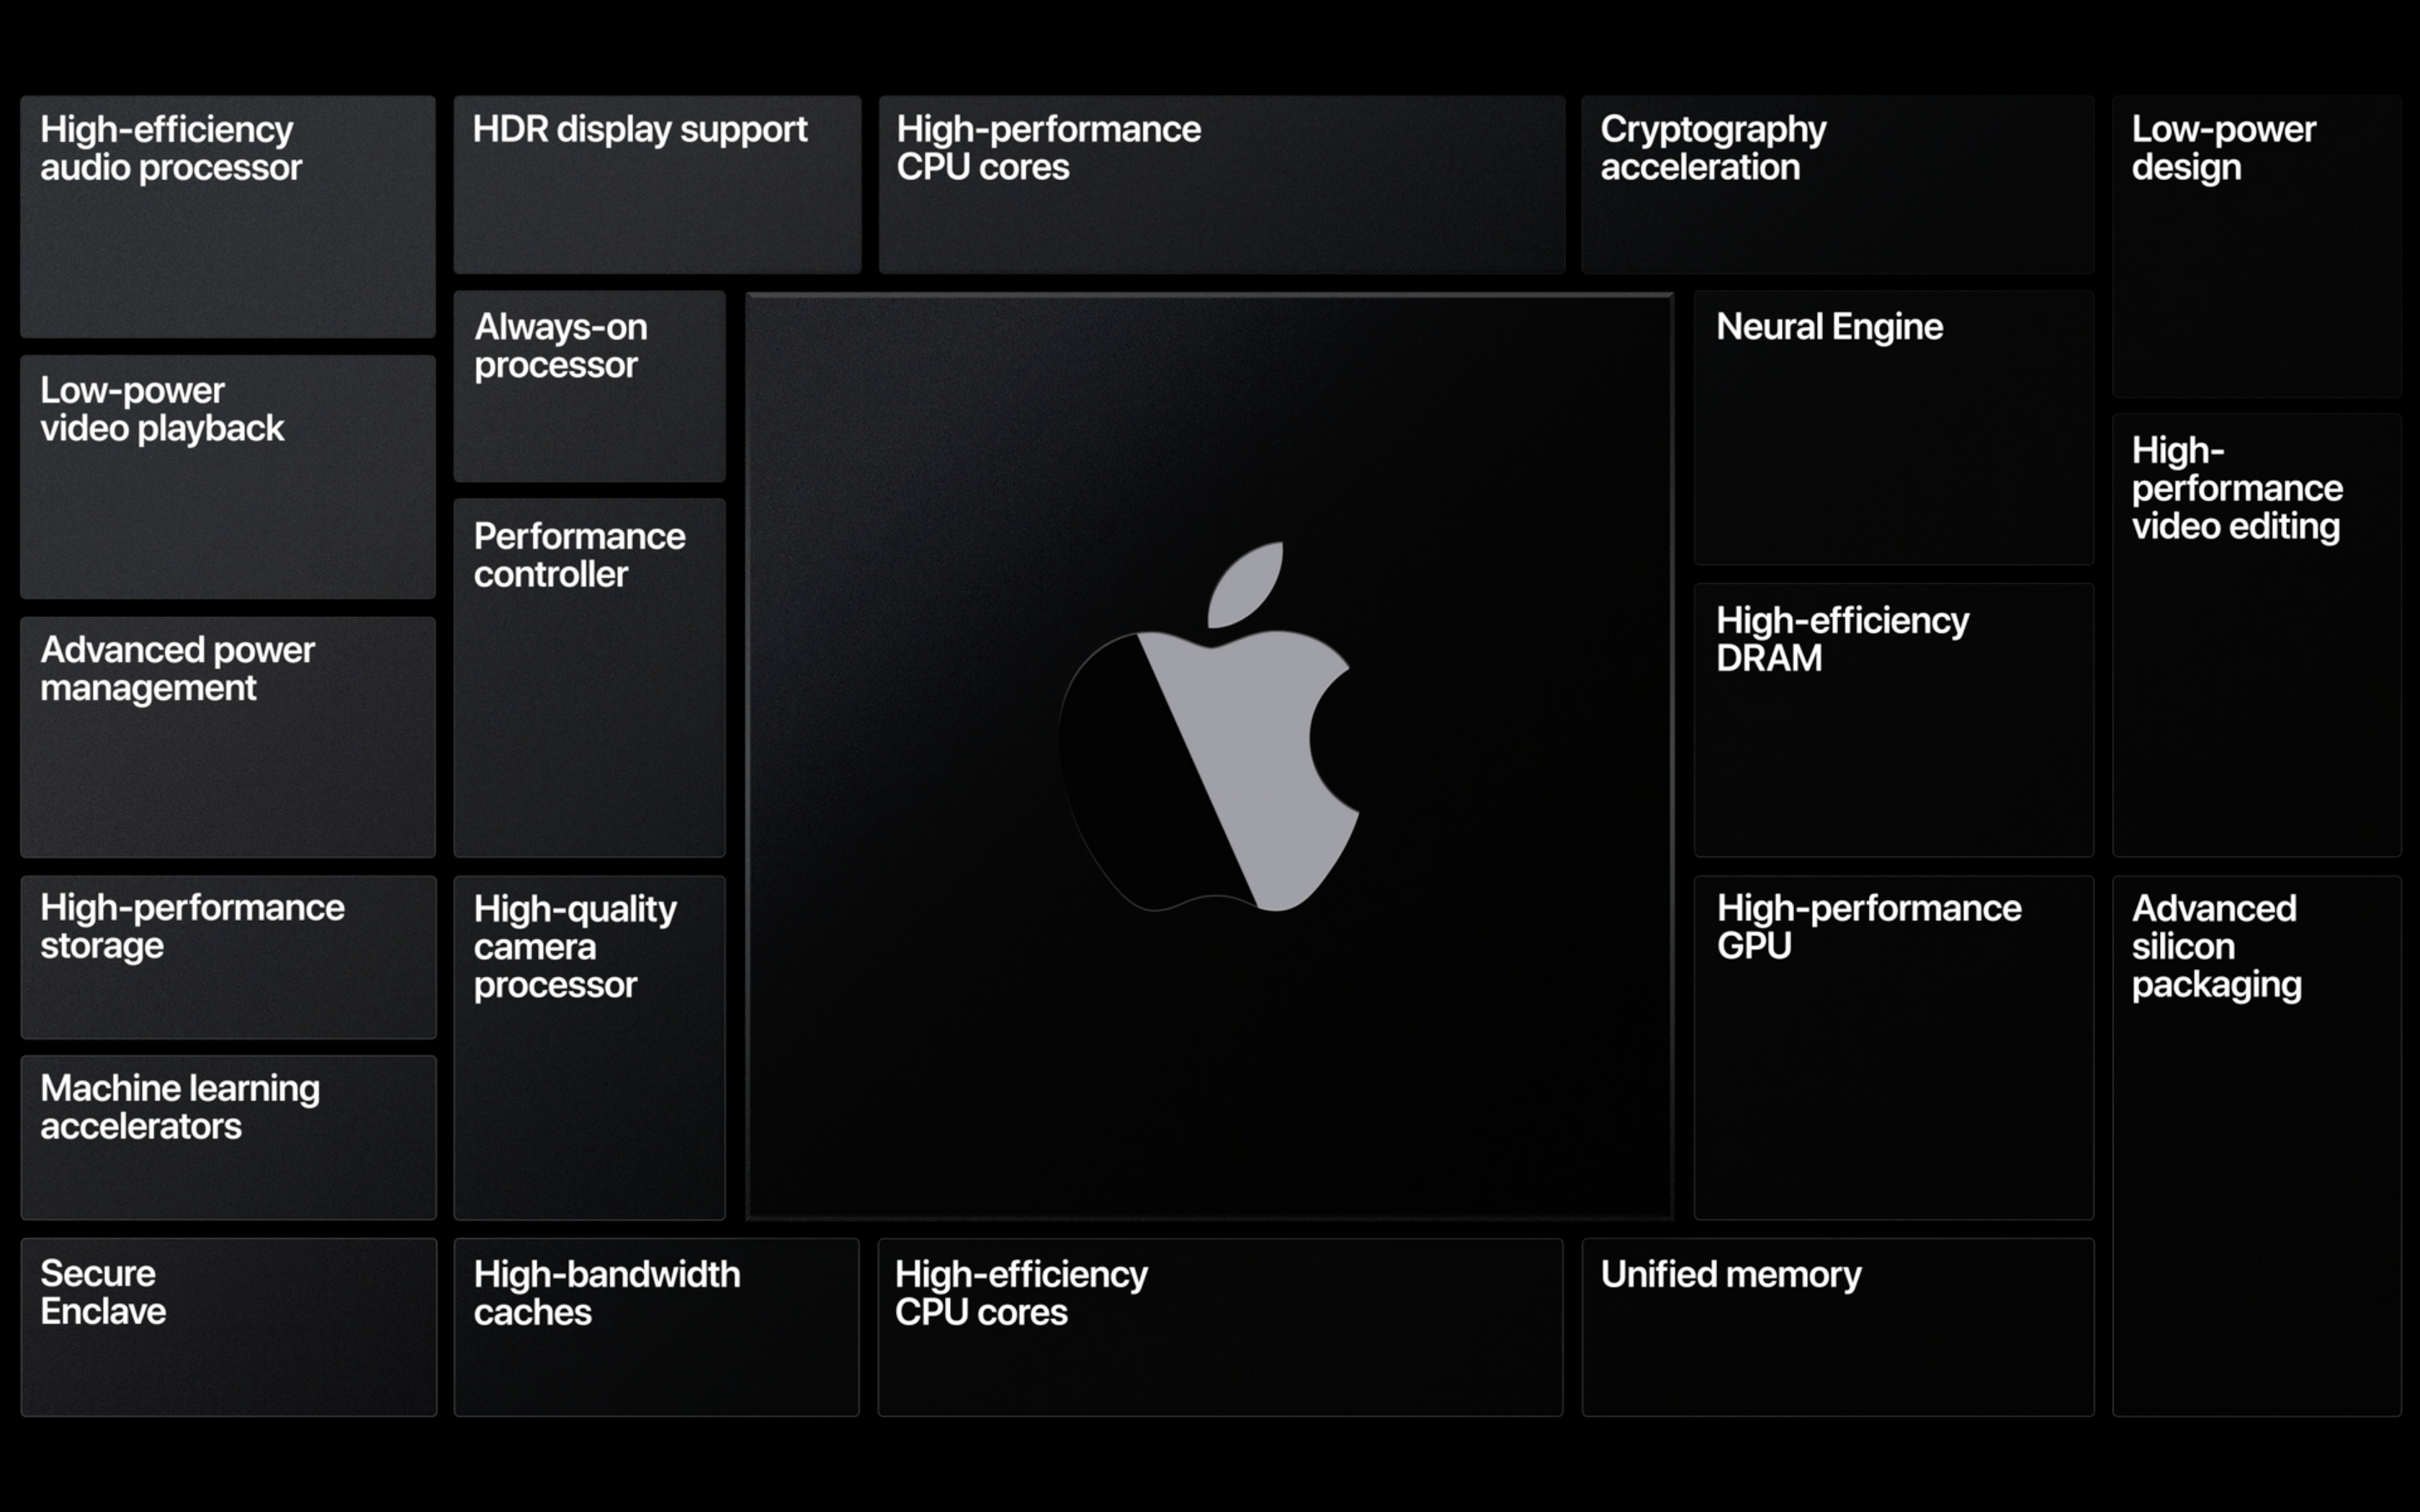 애플이 WWDC에서 공개한 슬라이드. 애플 실리콘의 특성을 간략히 설명한다.